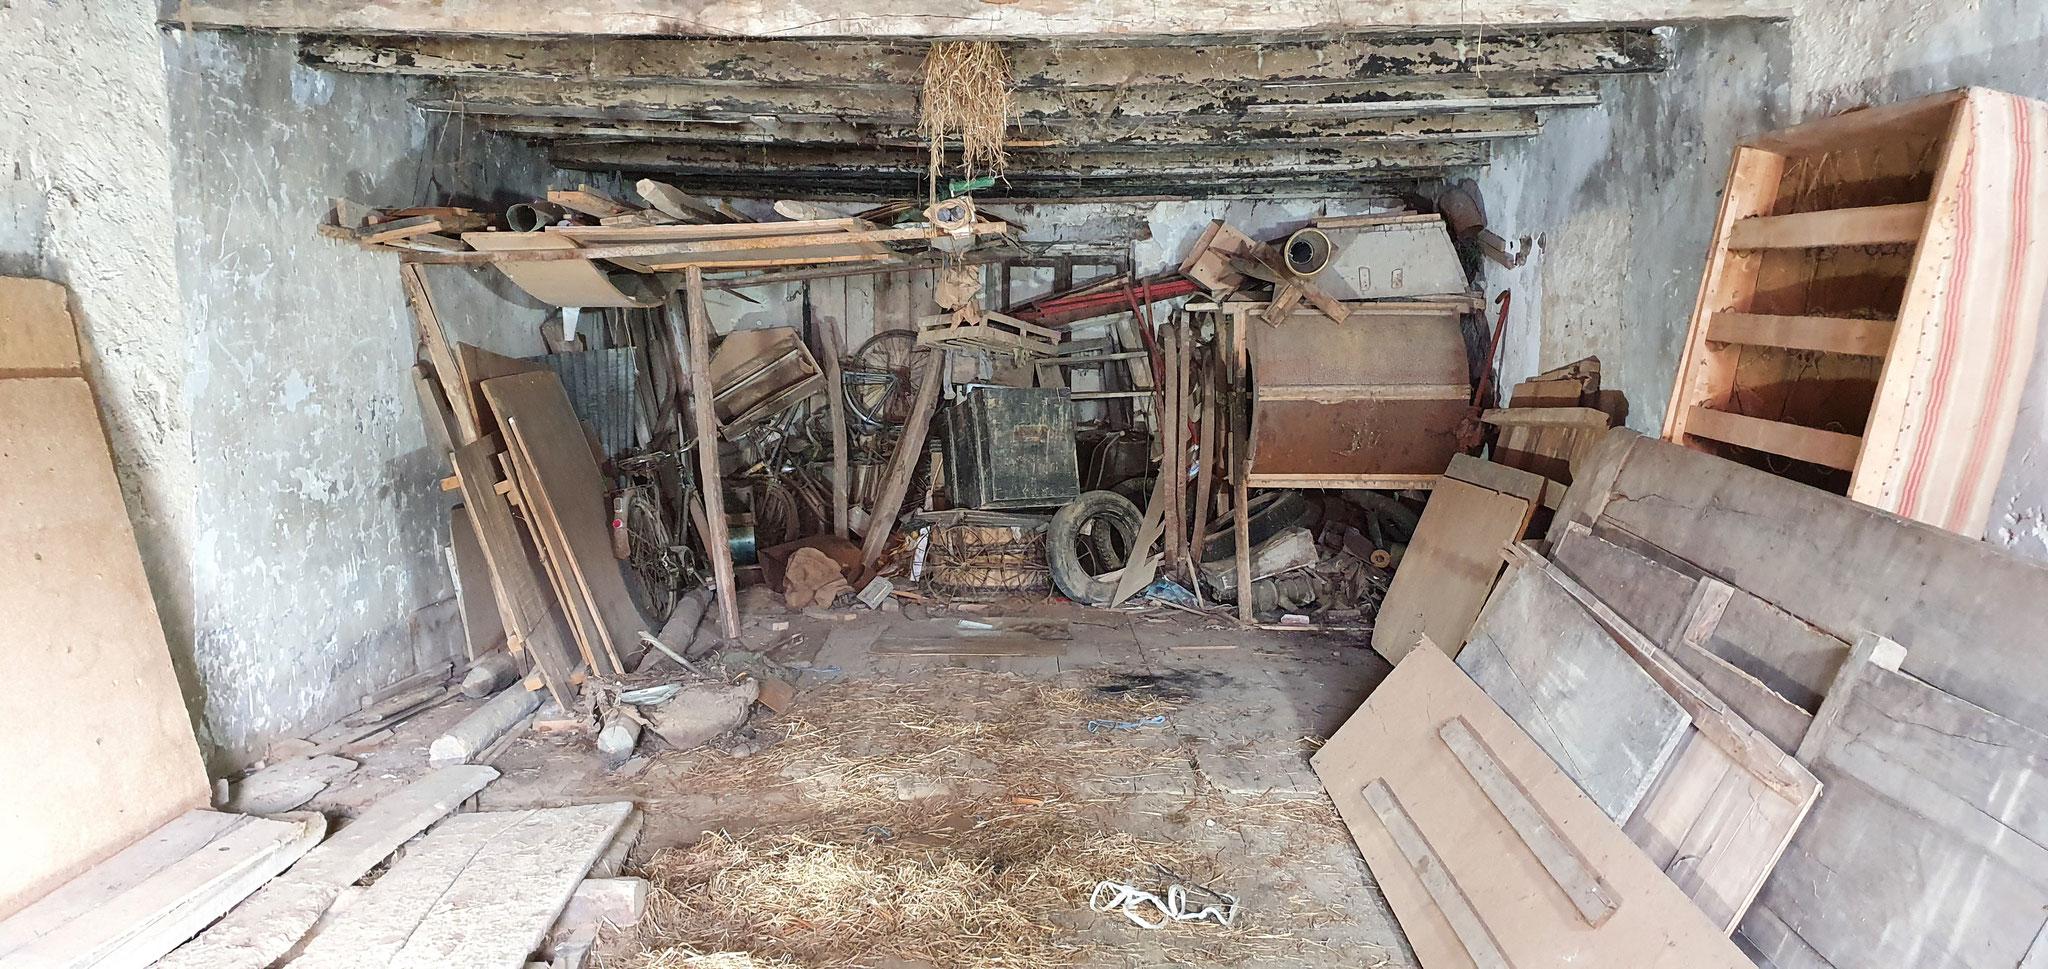 Débarras d'un garage avant intervention - débarras Ahlen clément - débarrasse tout partout en Franche comté -  débarras Haut Doubs secteur morteau villers le lac